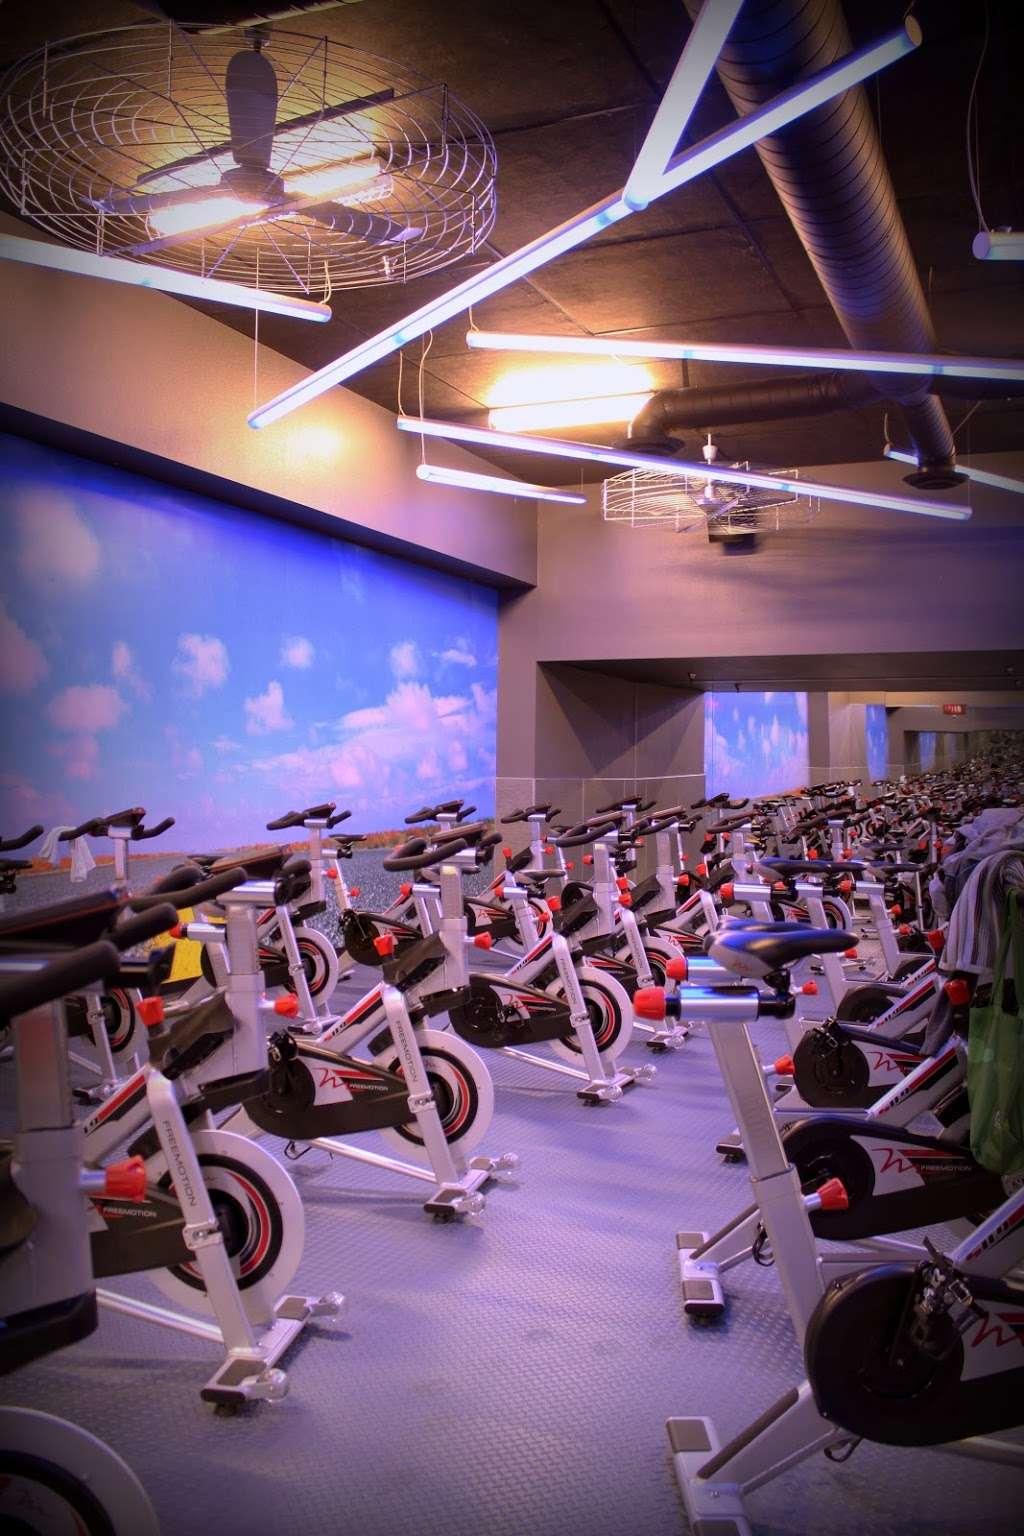 24 Hour Fitness Bellflower : fitness, bellflower, Fitness, Class, Schedule, Beach